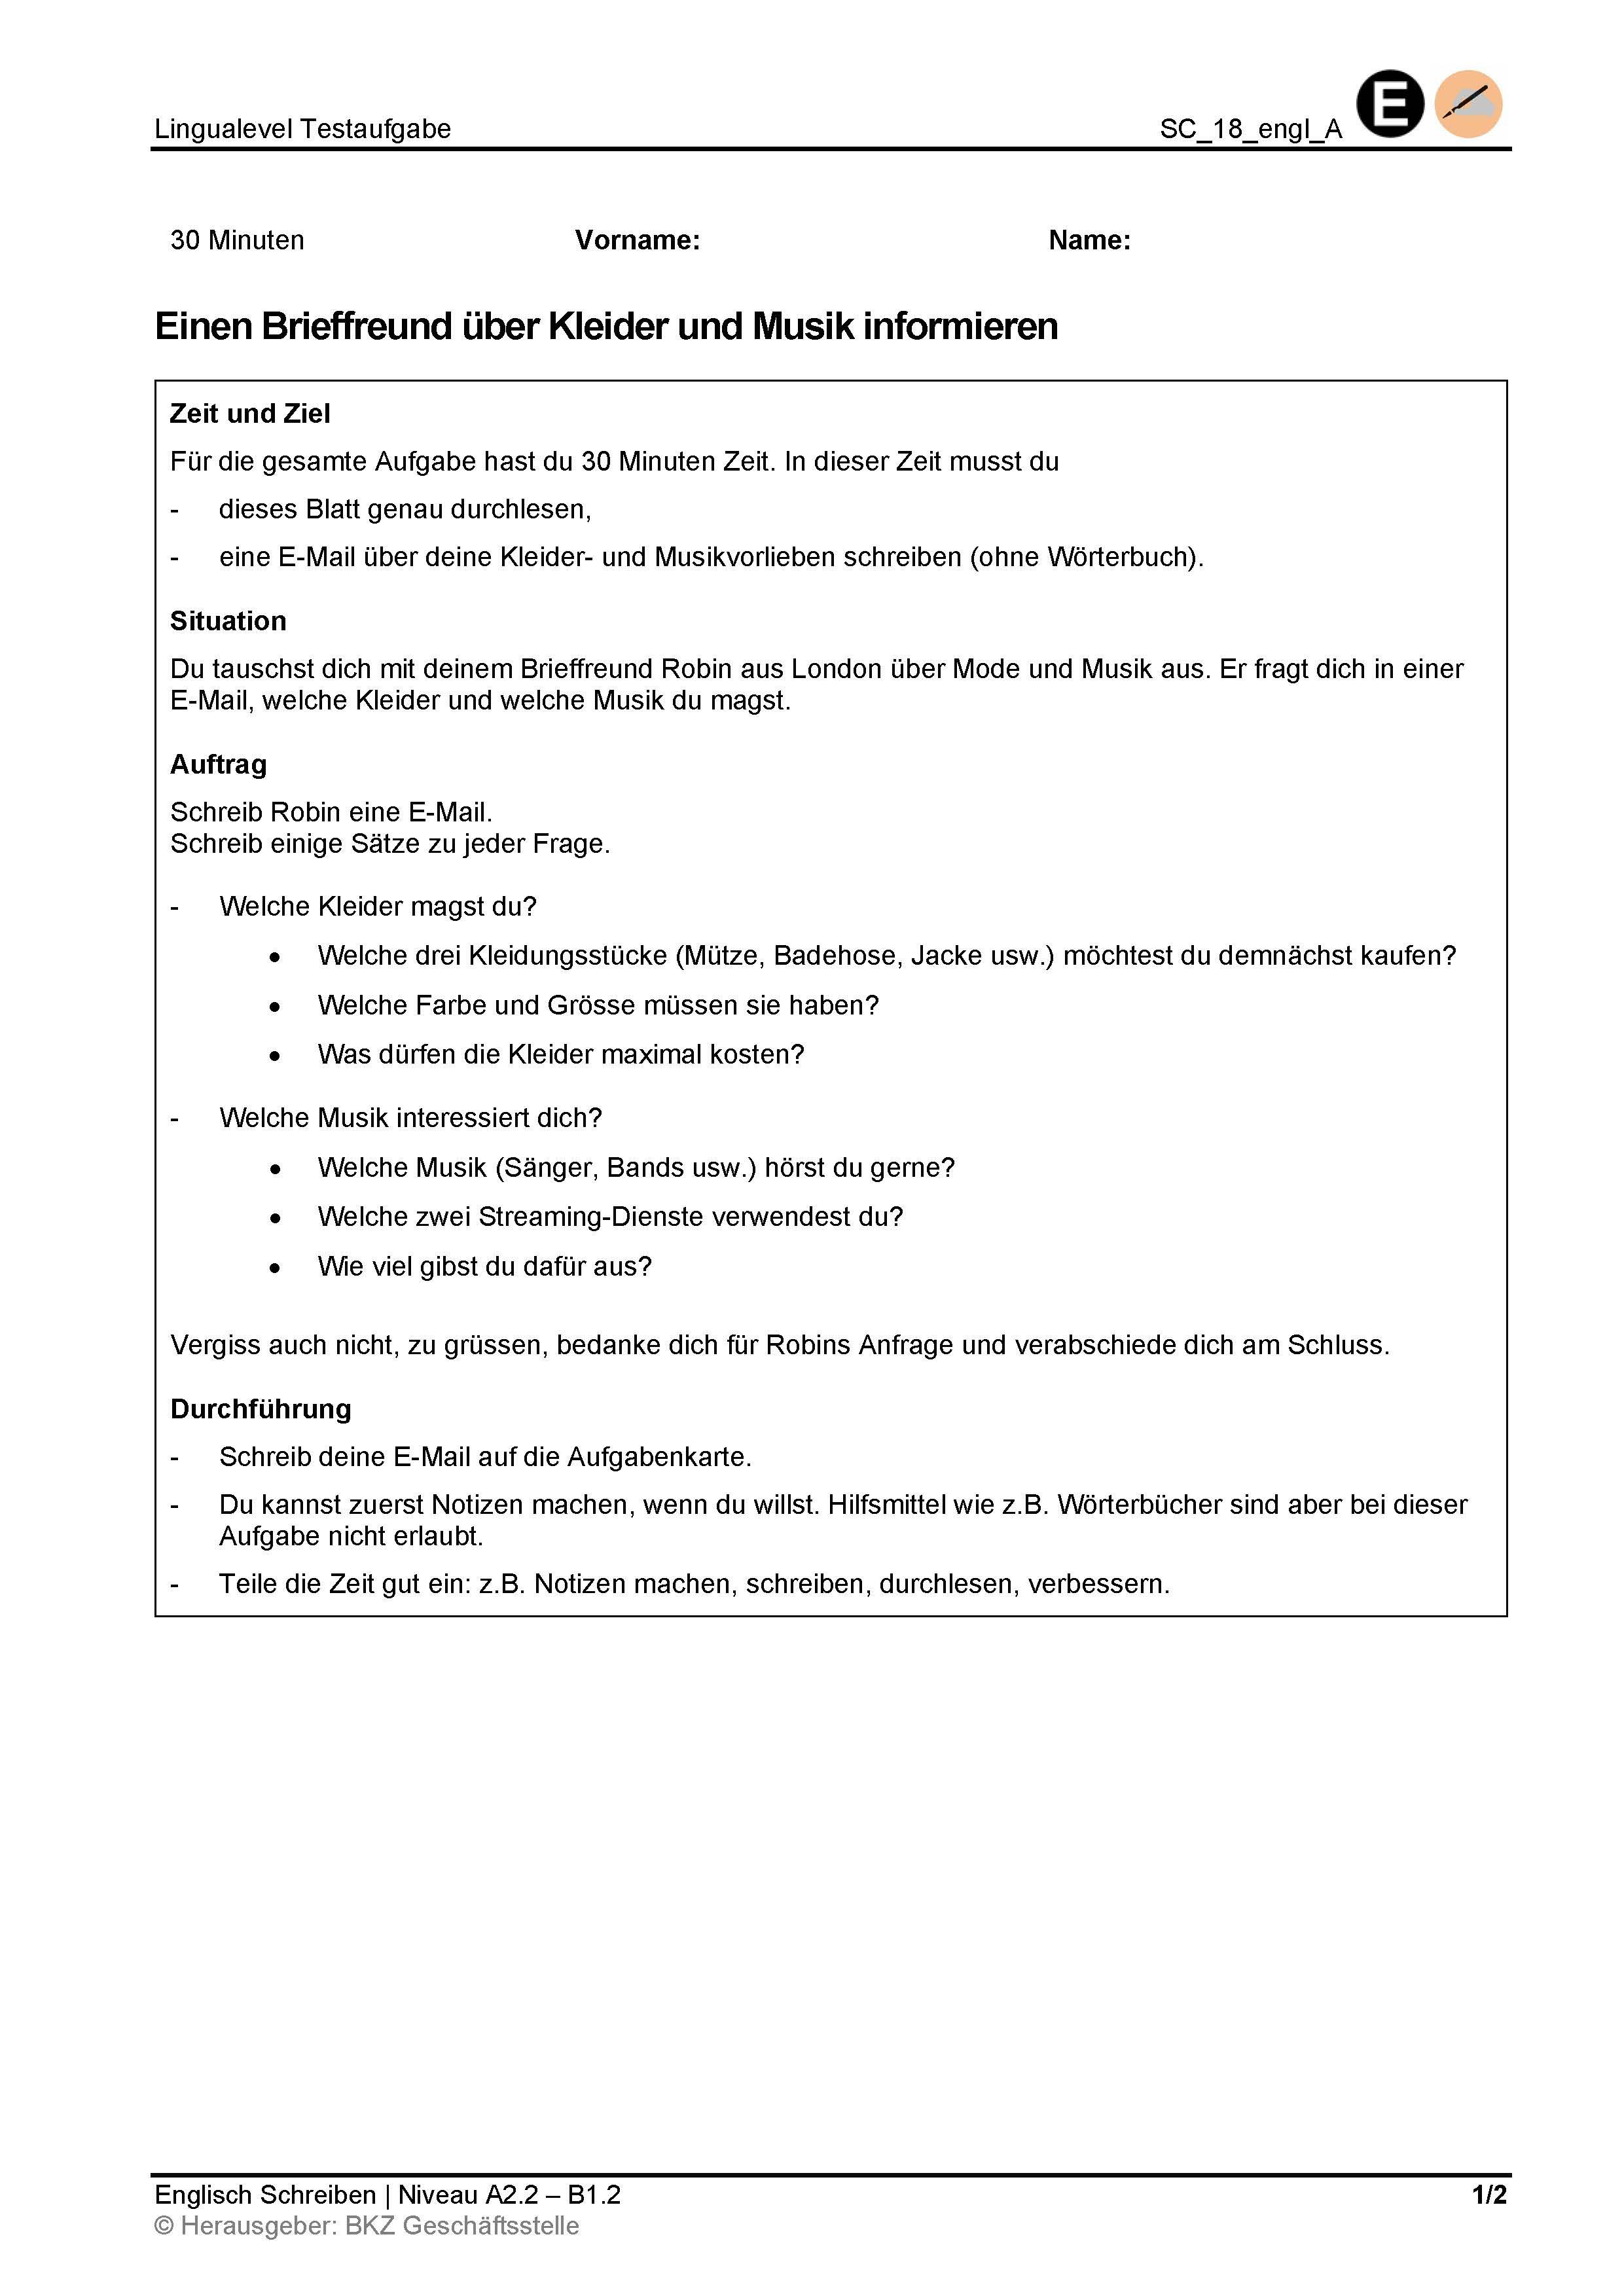 Preview image for LOM object Schreiben: Einen Brieffreund über Kleider und Musik informieren